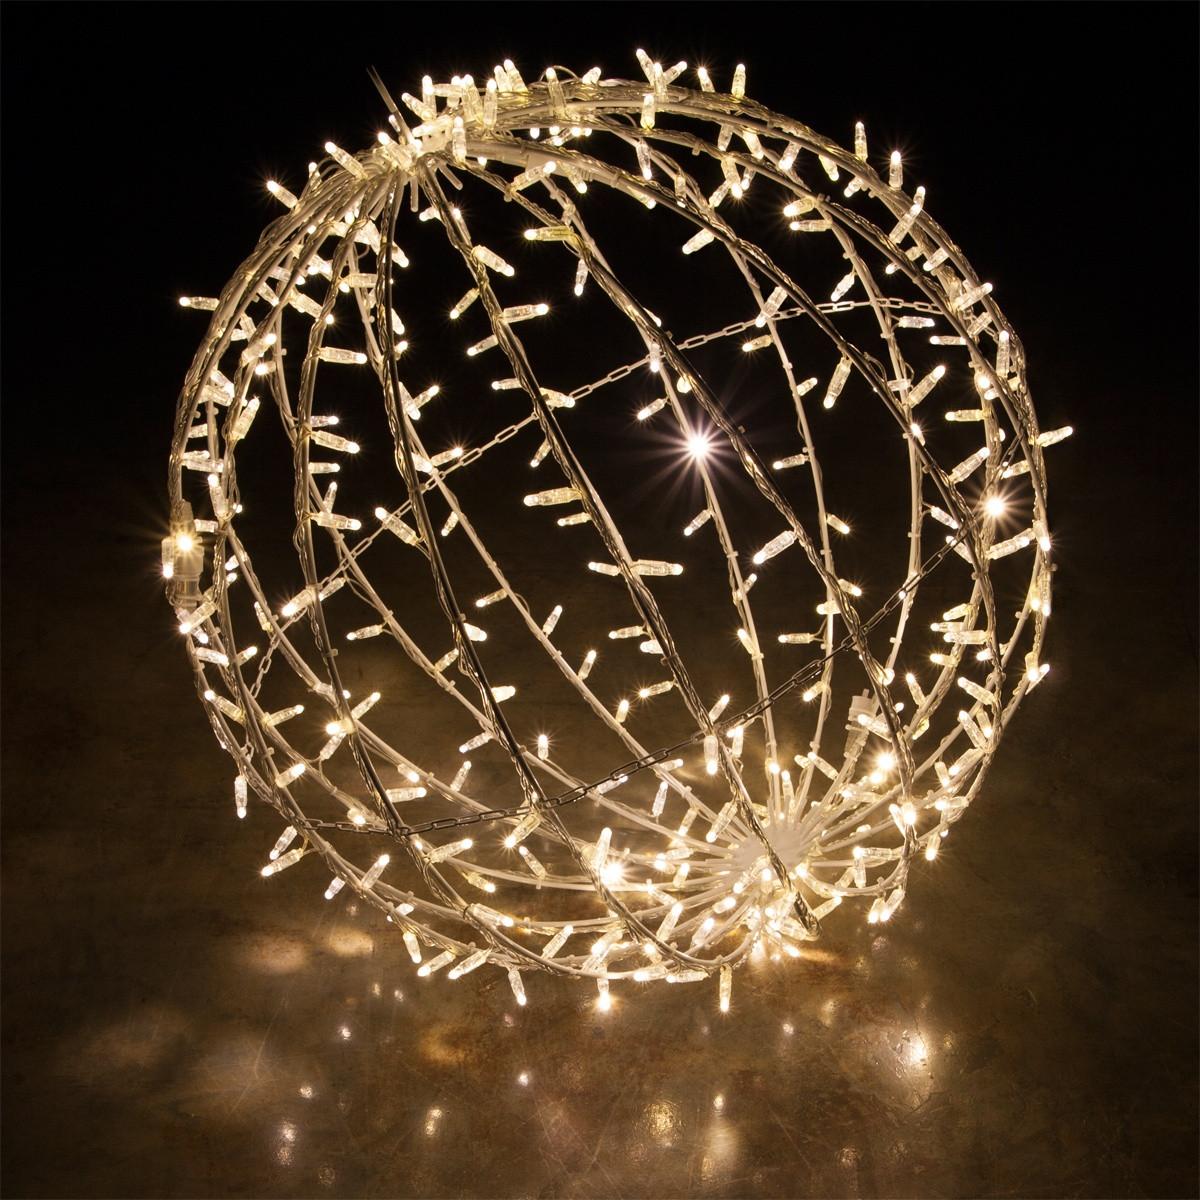 Outdoor Christmas Light Balls  Warm White LED mercial Mega Sphere Christmas Light